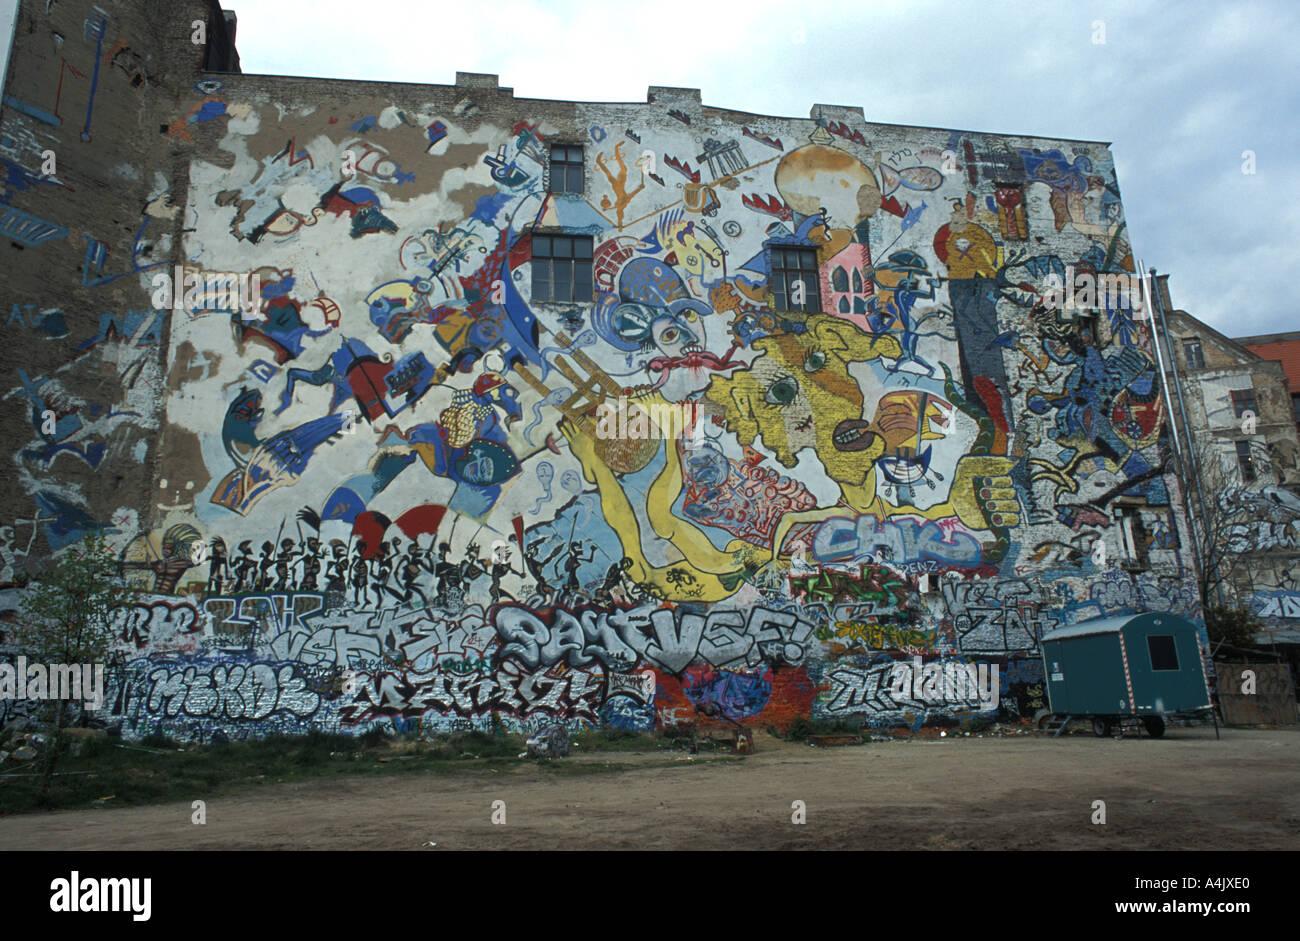 Grafiti wall berlin - Graffiti Wall Tacheles Berlin Germany April 2003